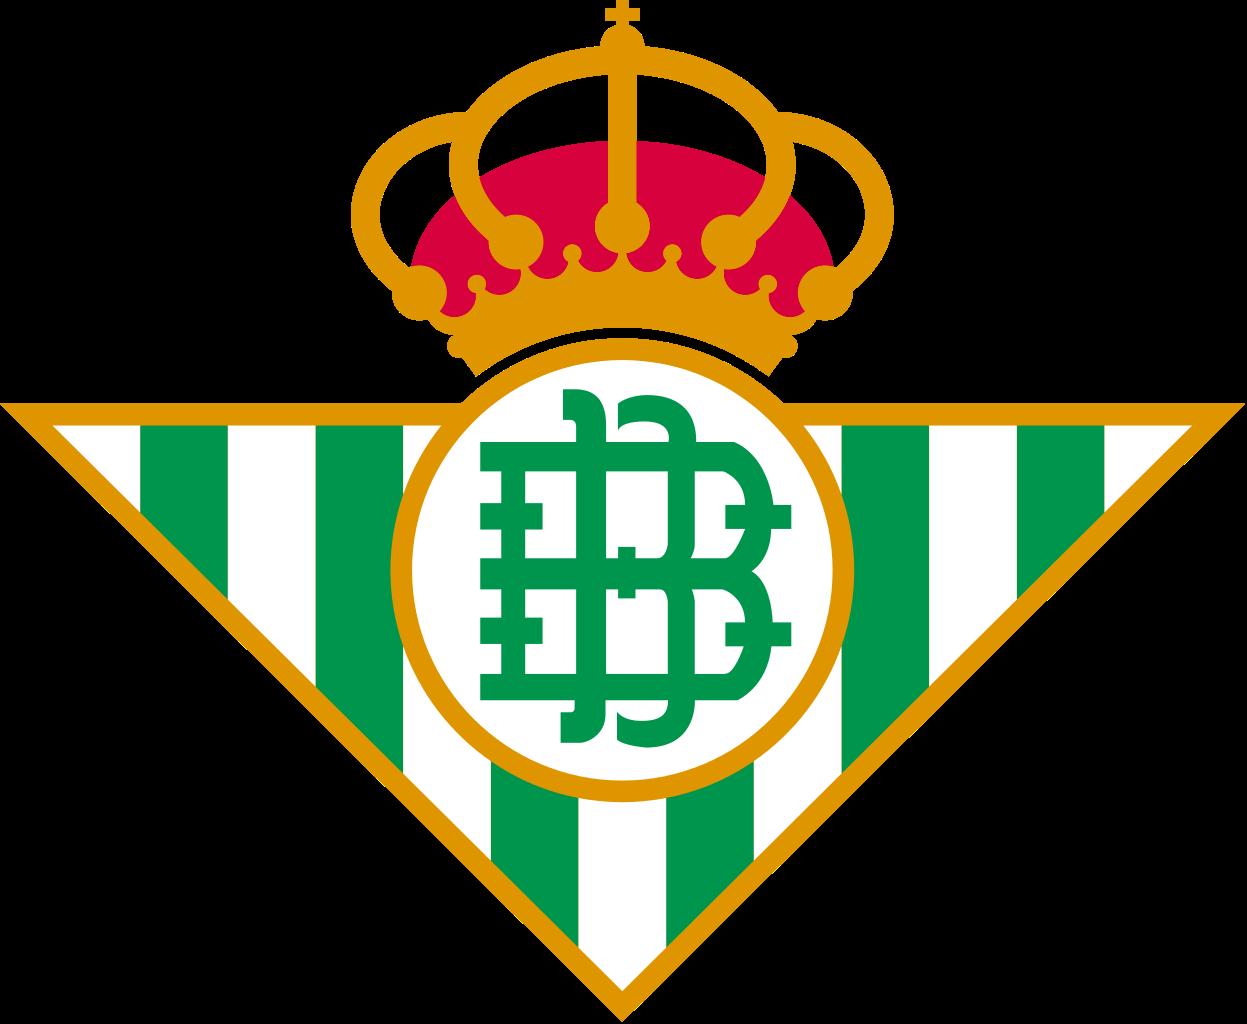 ผลการค้นหารูปภาพสำหรับ image logo football la liga